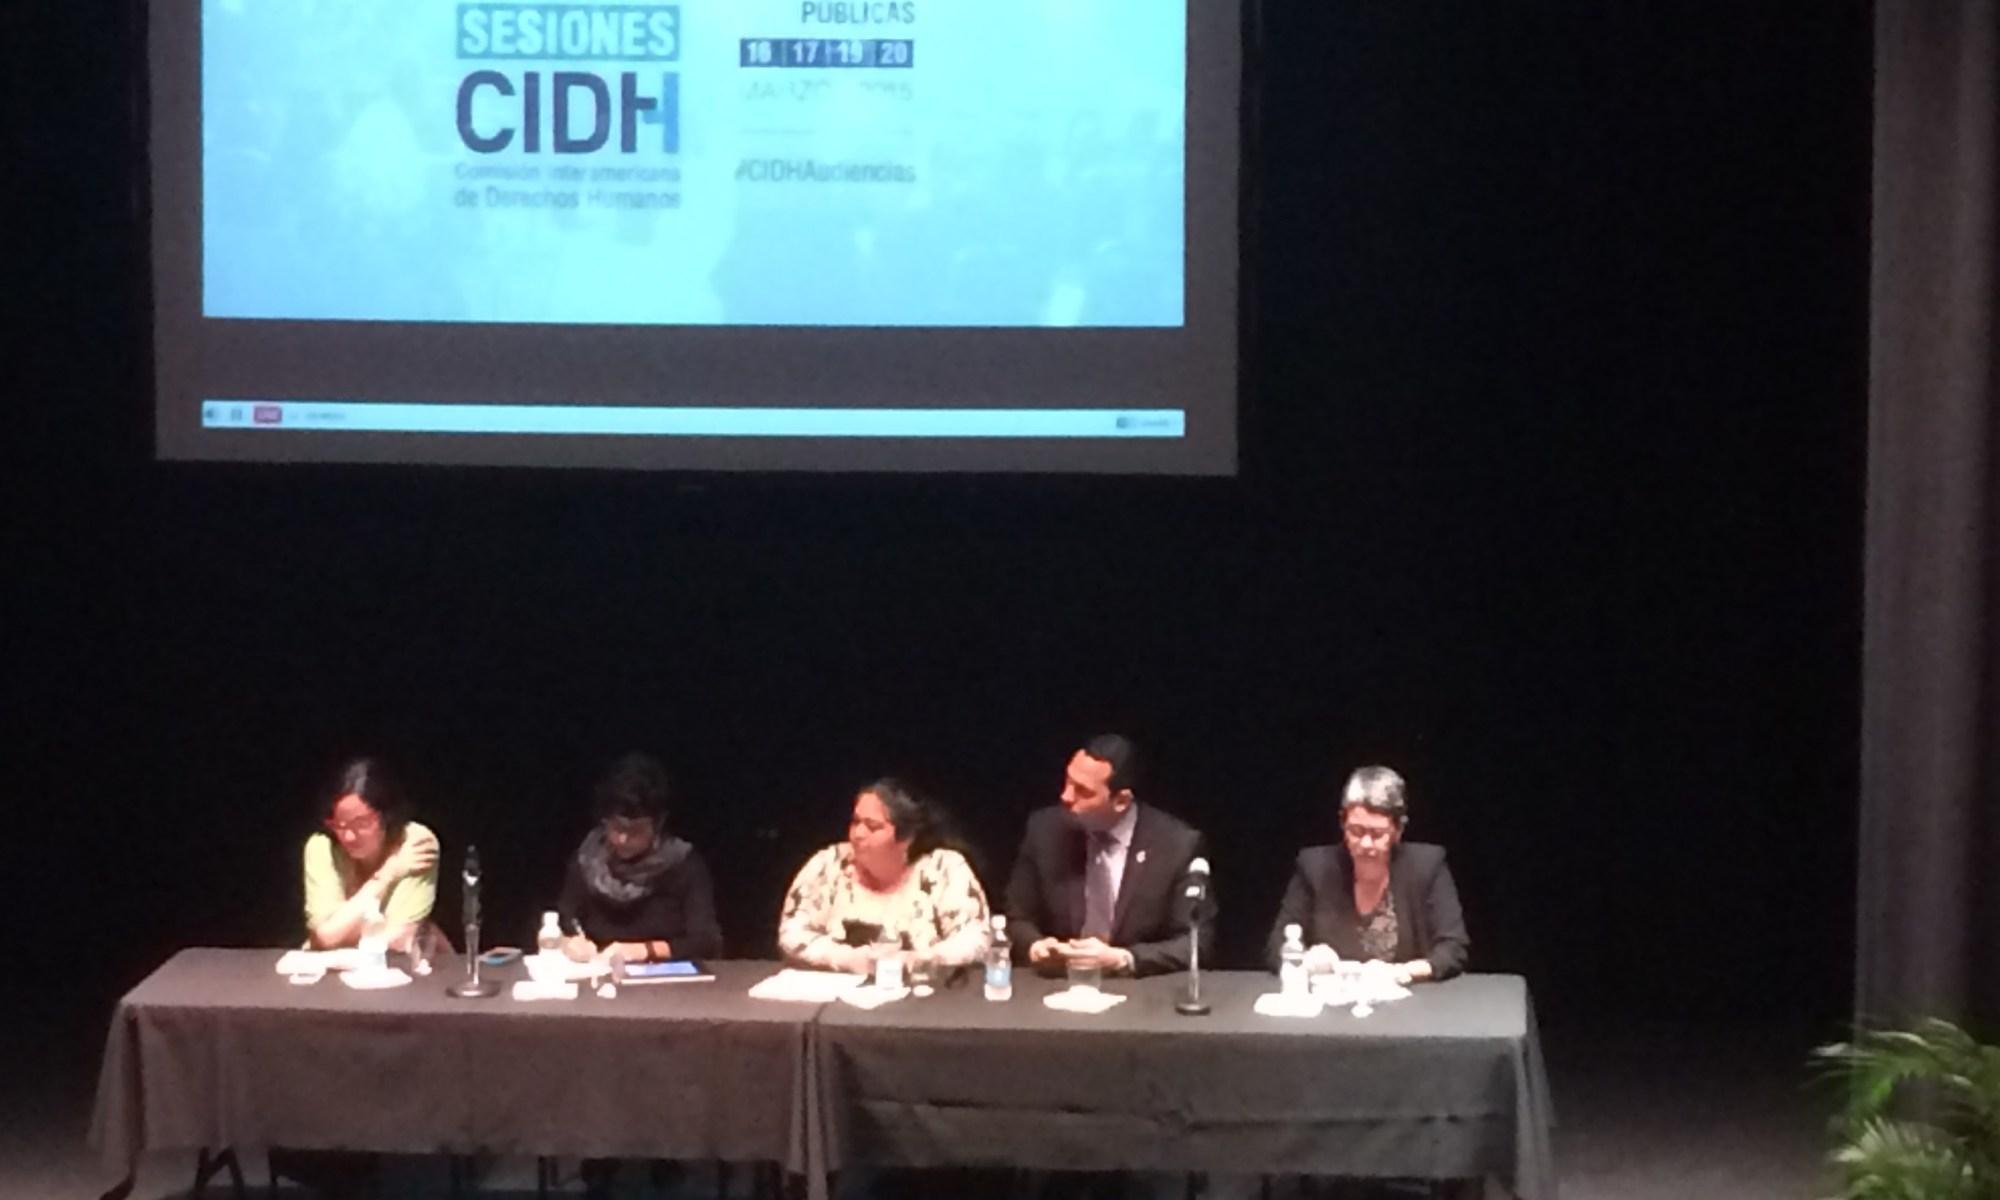 [VÍDEO] Panel de reacción, Puerto Rico ante la Comisión Interamericana de Derechos Humanos